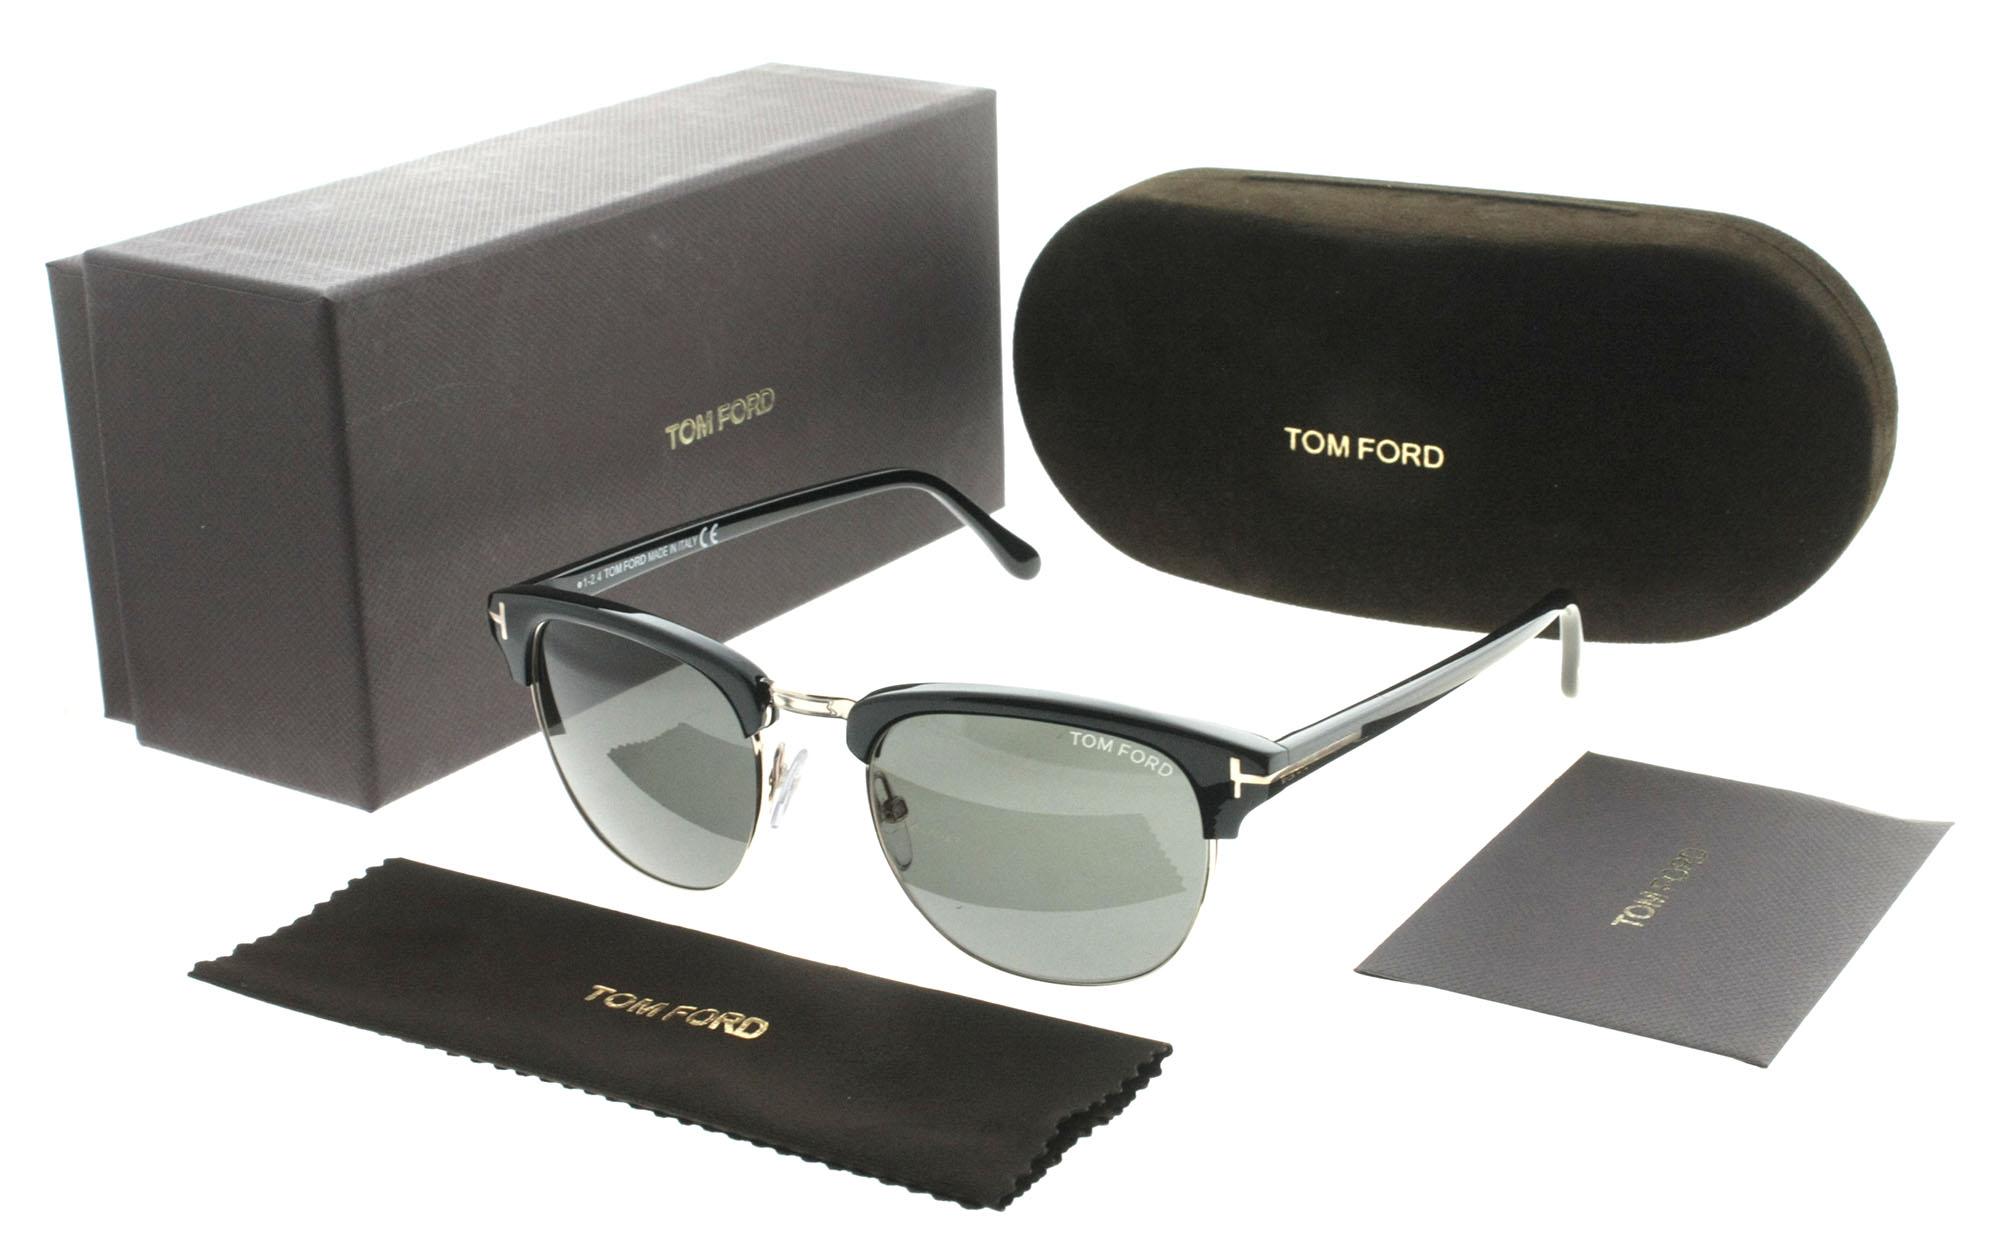 tom ford henry tf 248 05n gold black men 39 s vintage. Black Bedroom Furniture Sets. Home Design Ideas